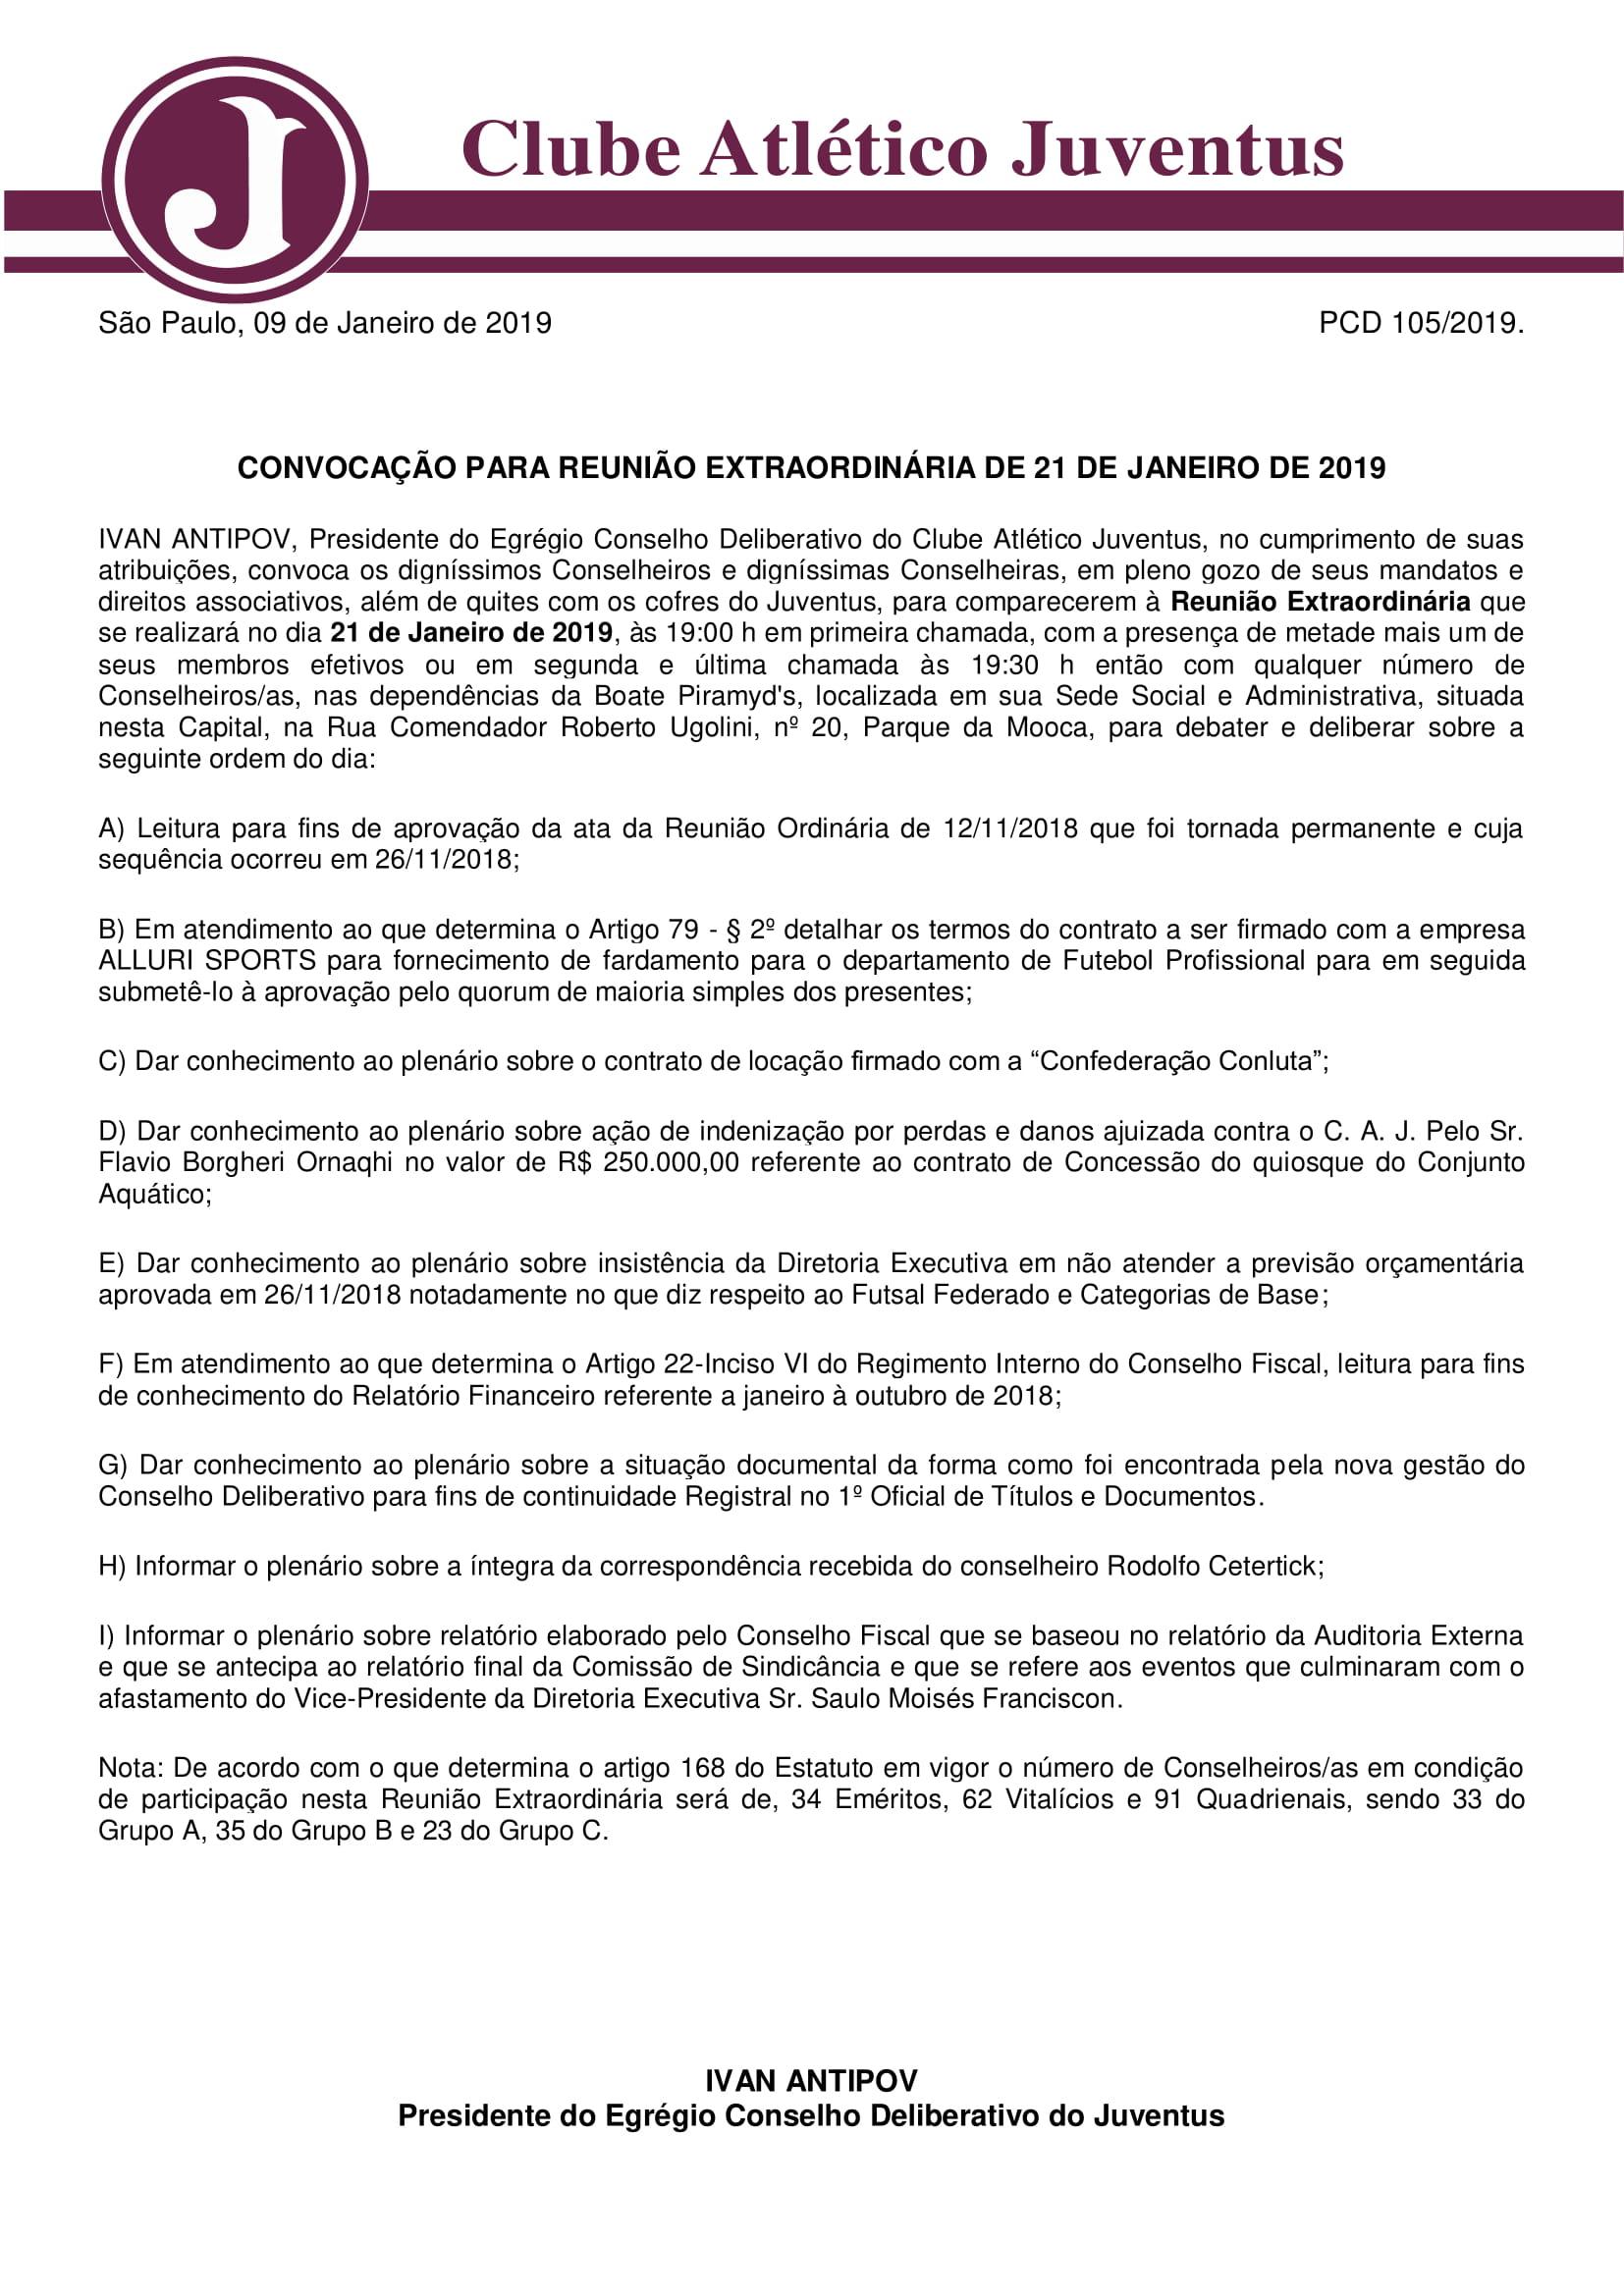 OFICIO 105-2019 EDITAL DE CONVOCAÇÃO 21-01-2019-1